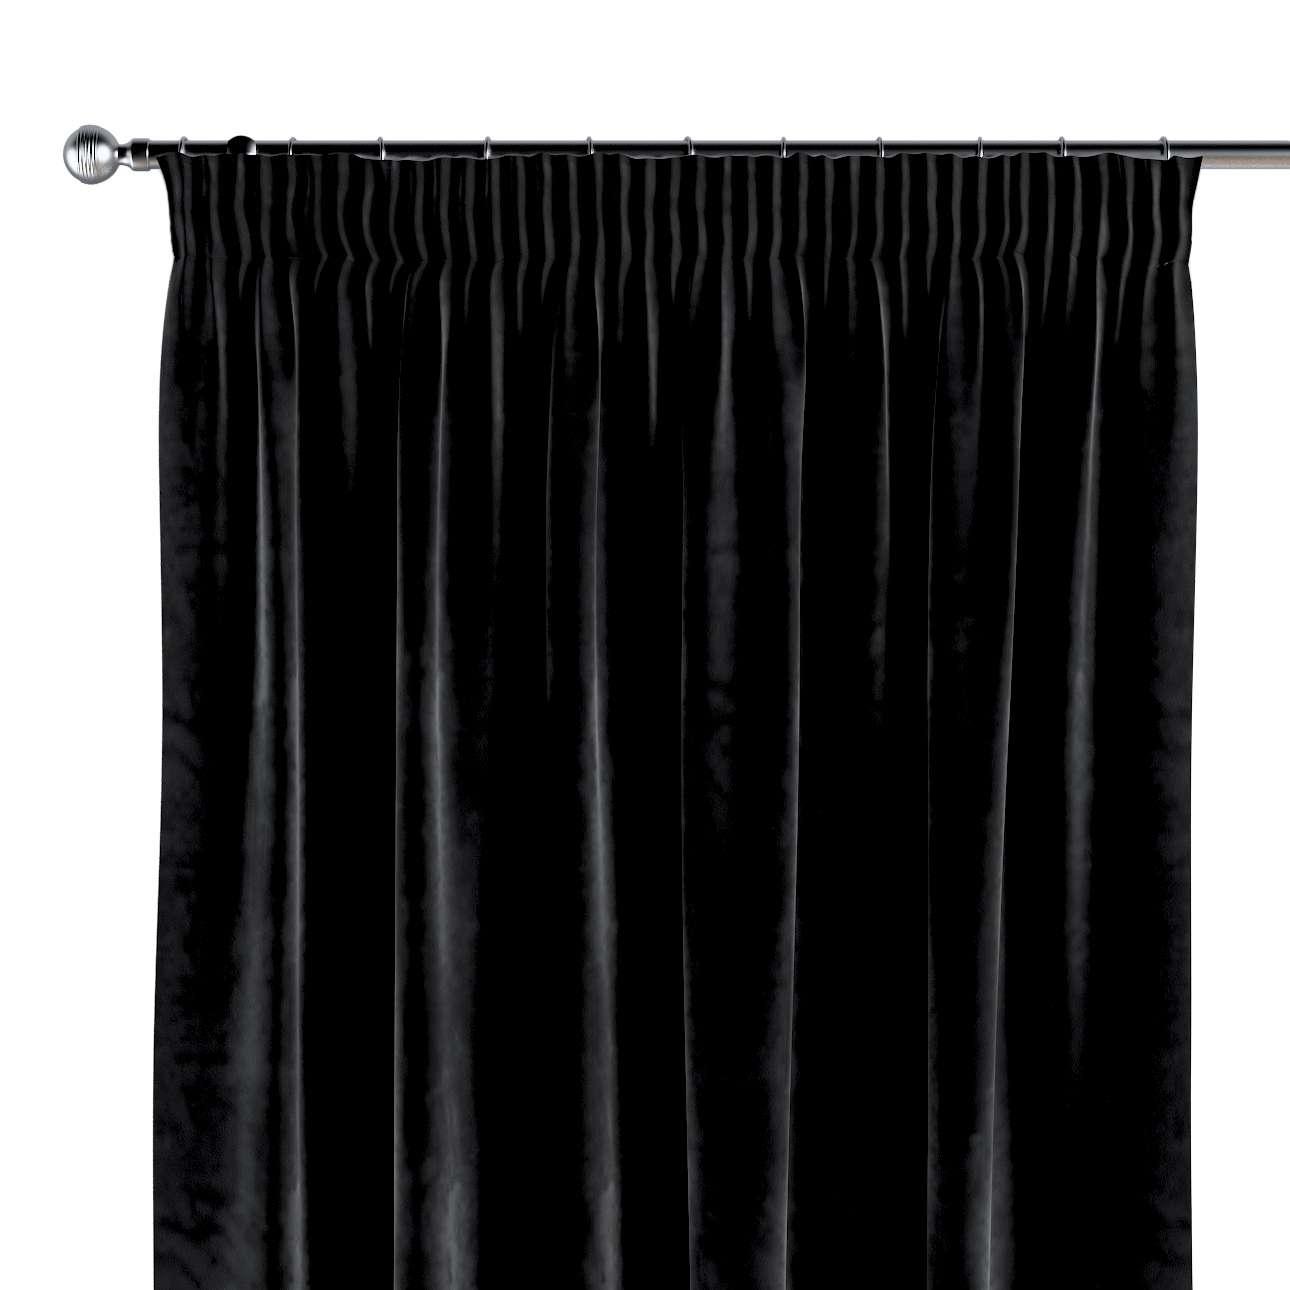 Zasłona na taśmie marszczącej 1 szt. 1szt 130x260 cm w kolekcji Velvet, tkanina: 704-17